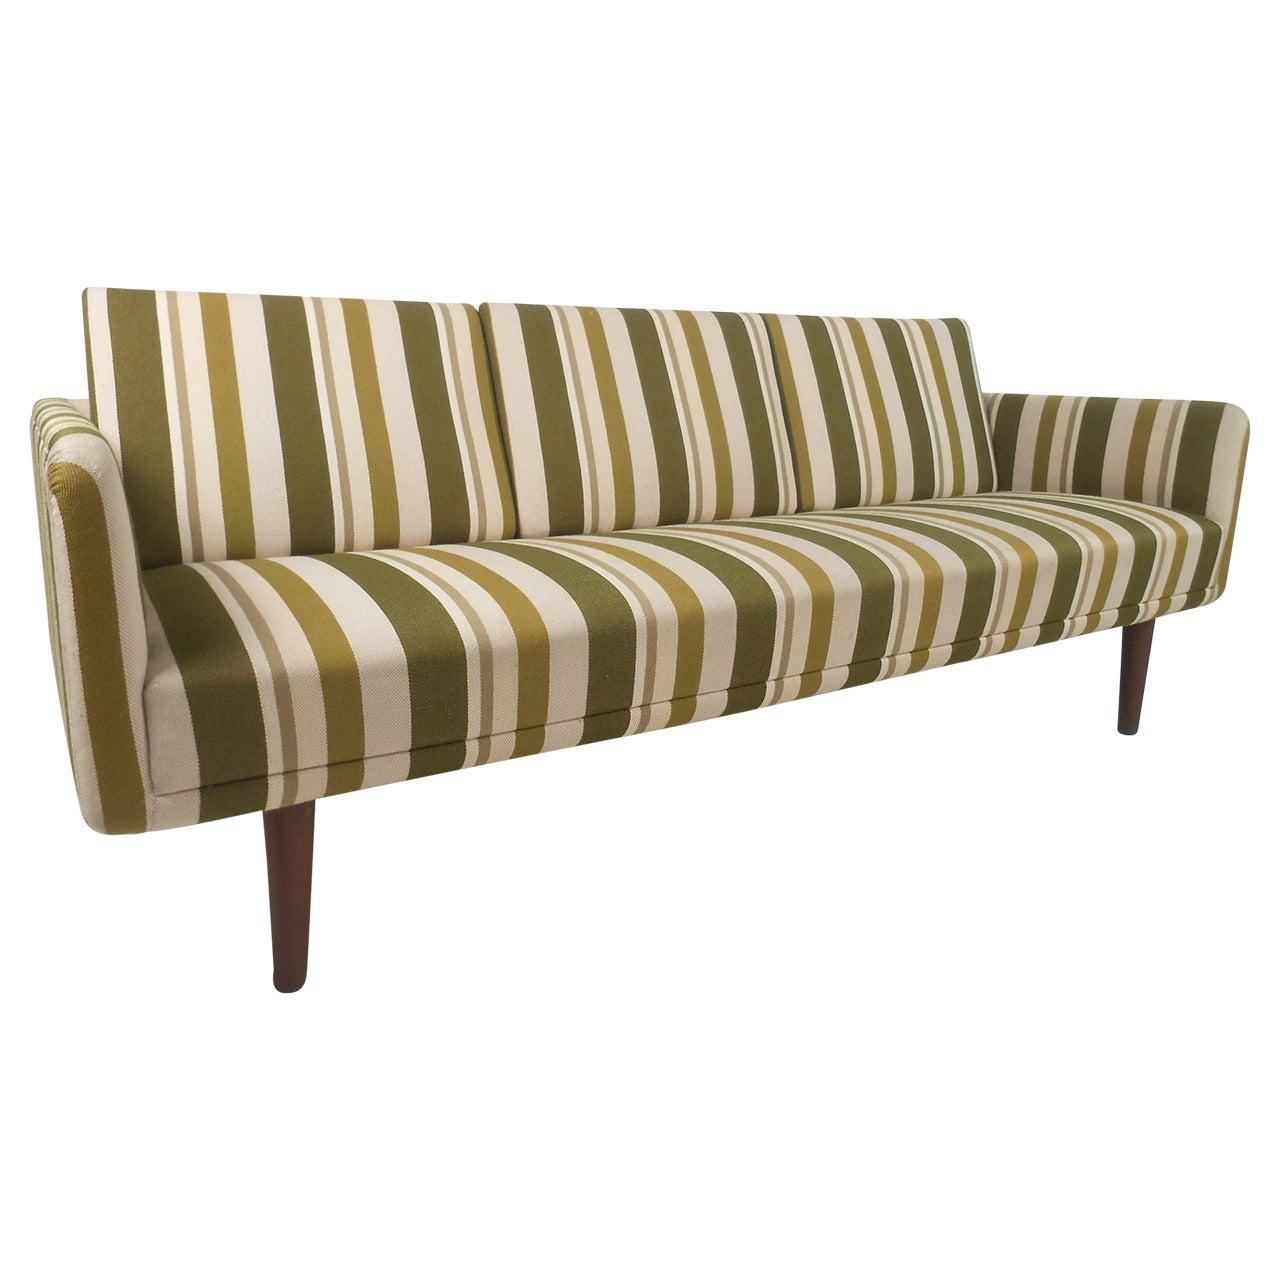 Large Danish Modern Sofa after Børge Mogensen